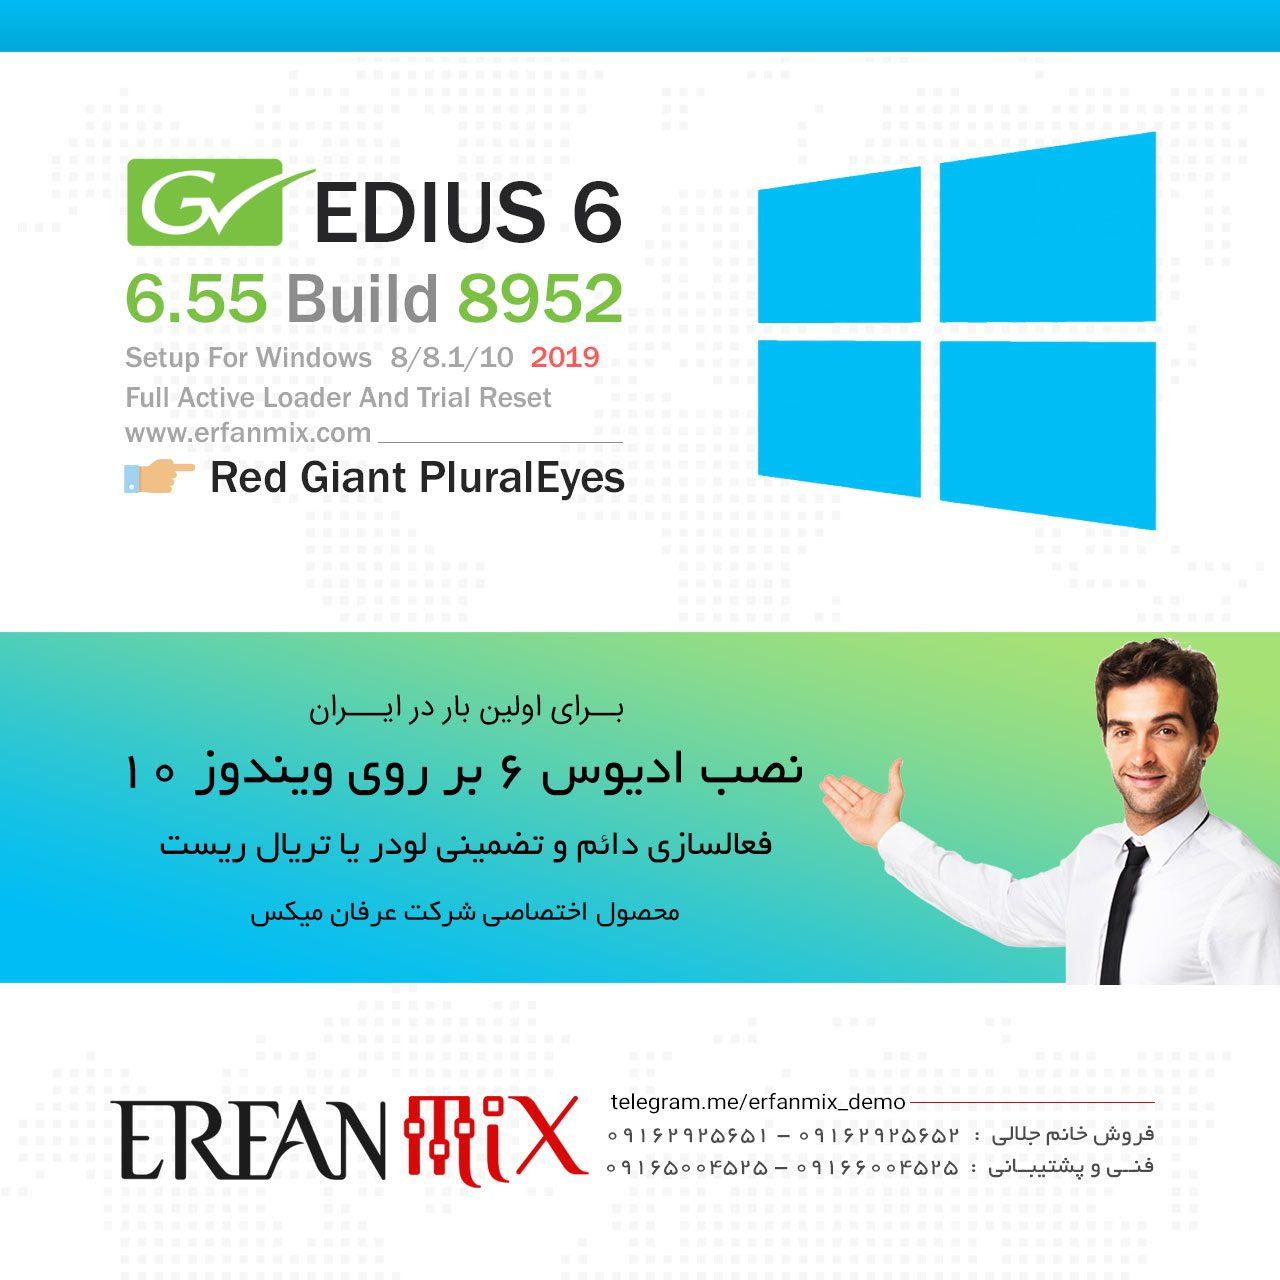 نصب نسخه ادیوس 6.55 بر روی سیستم عامل ویندوز 8/8.1/10